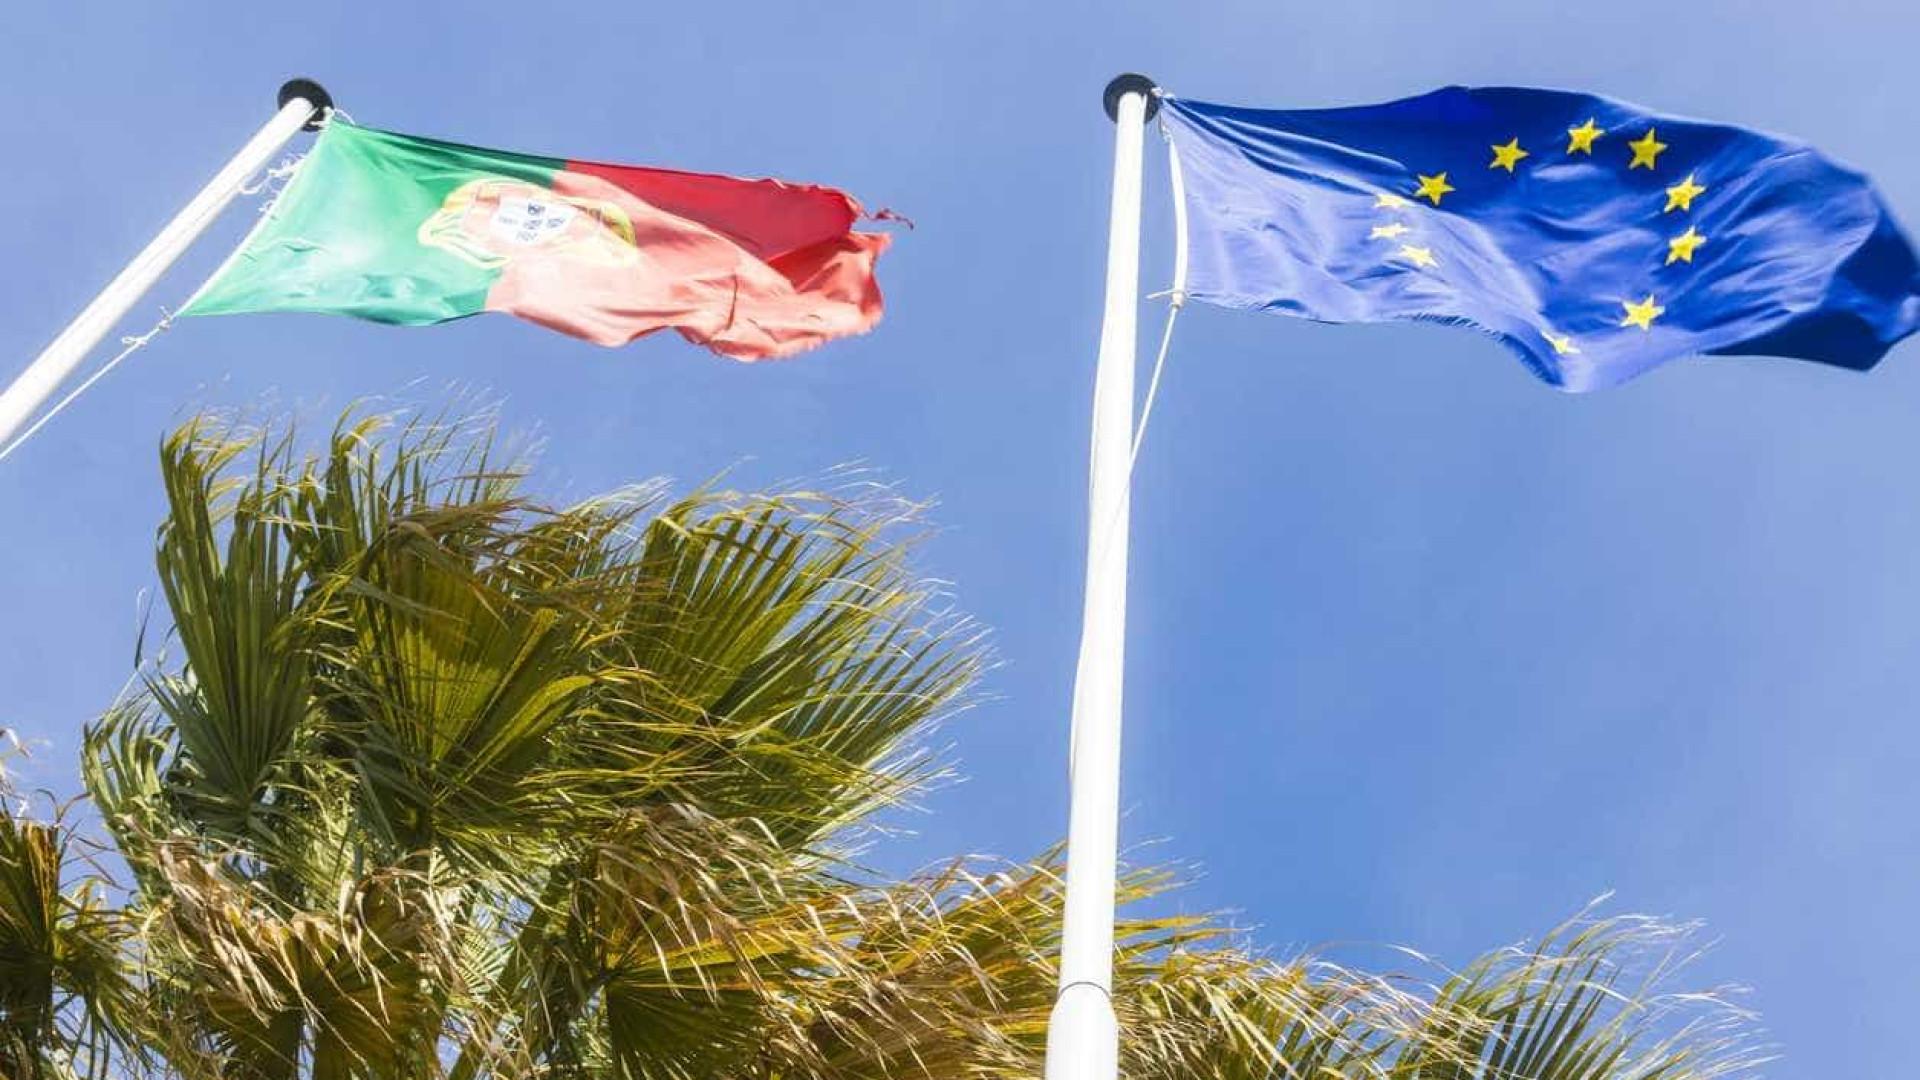 Bruxelas pede redução da dívida e implementação de reformas